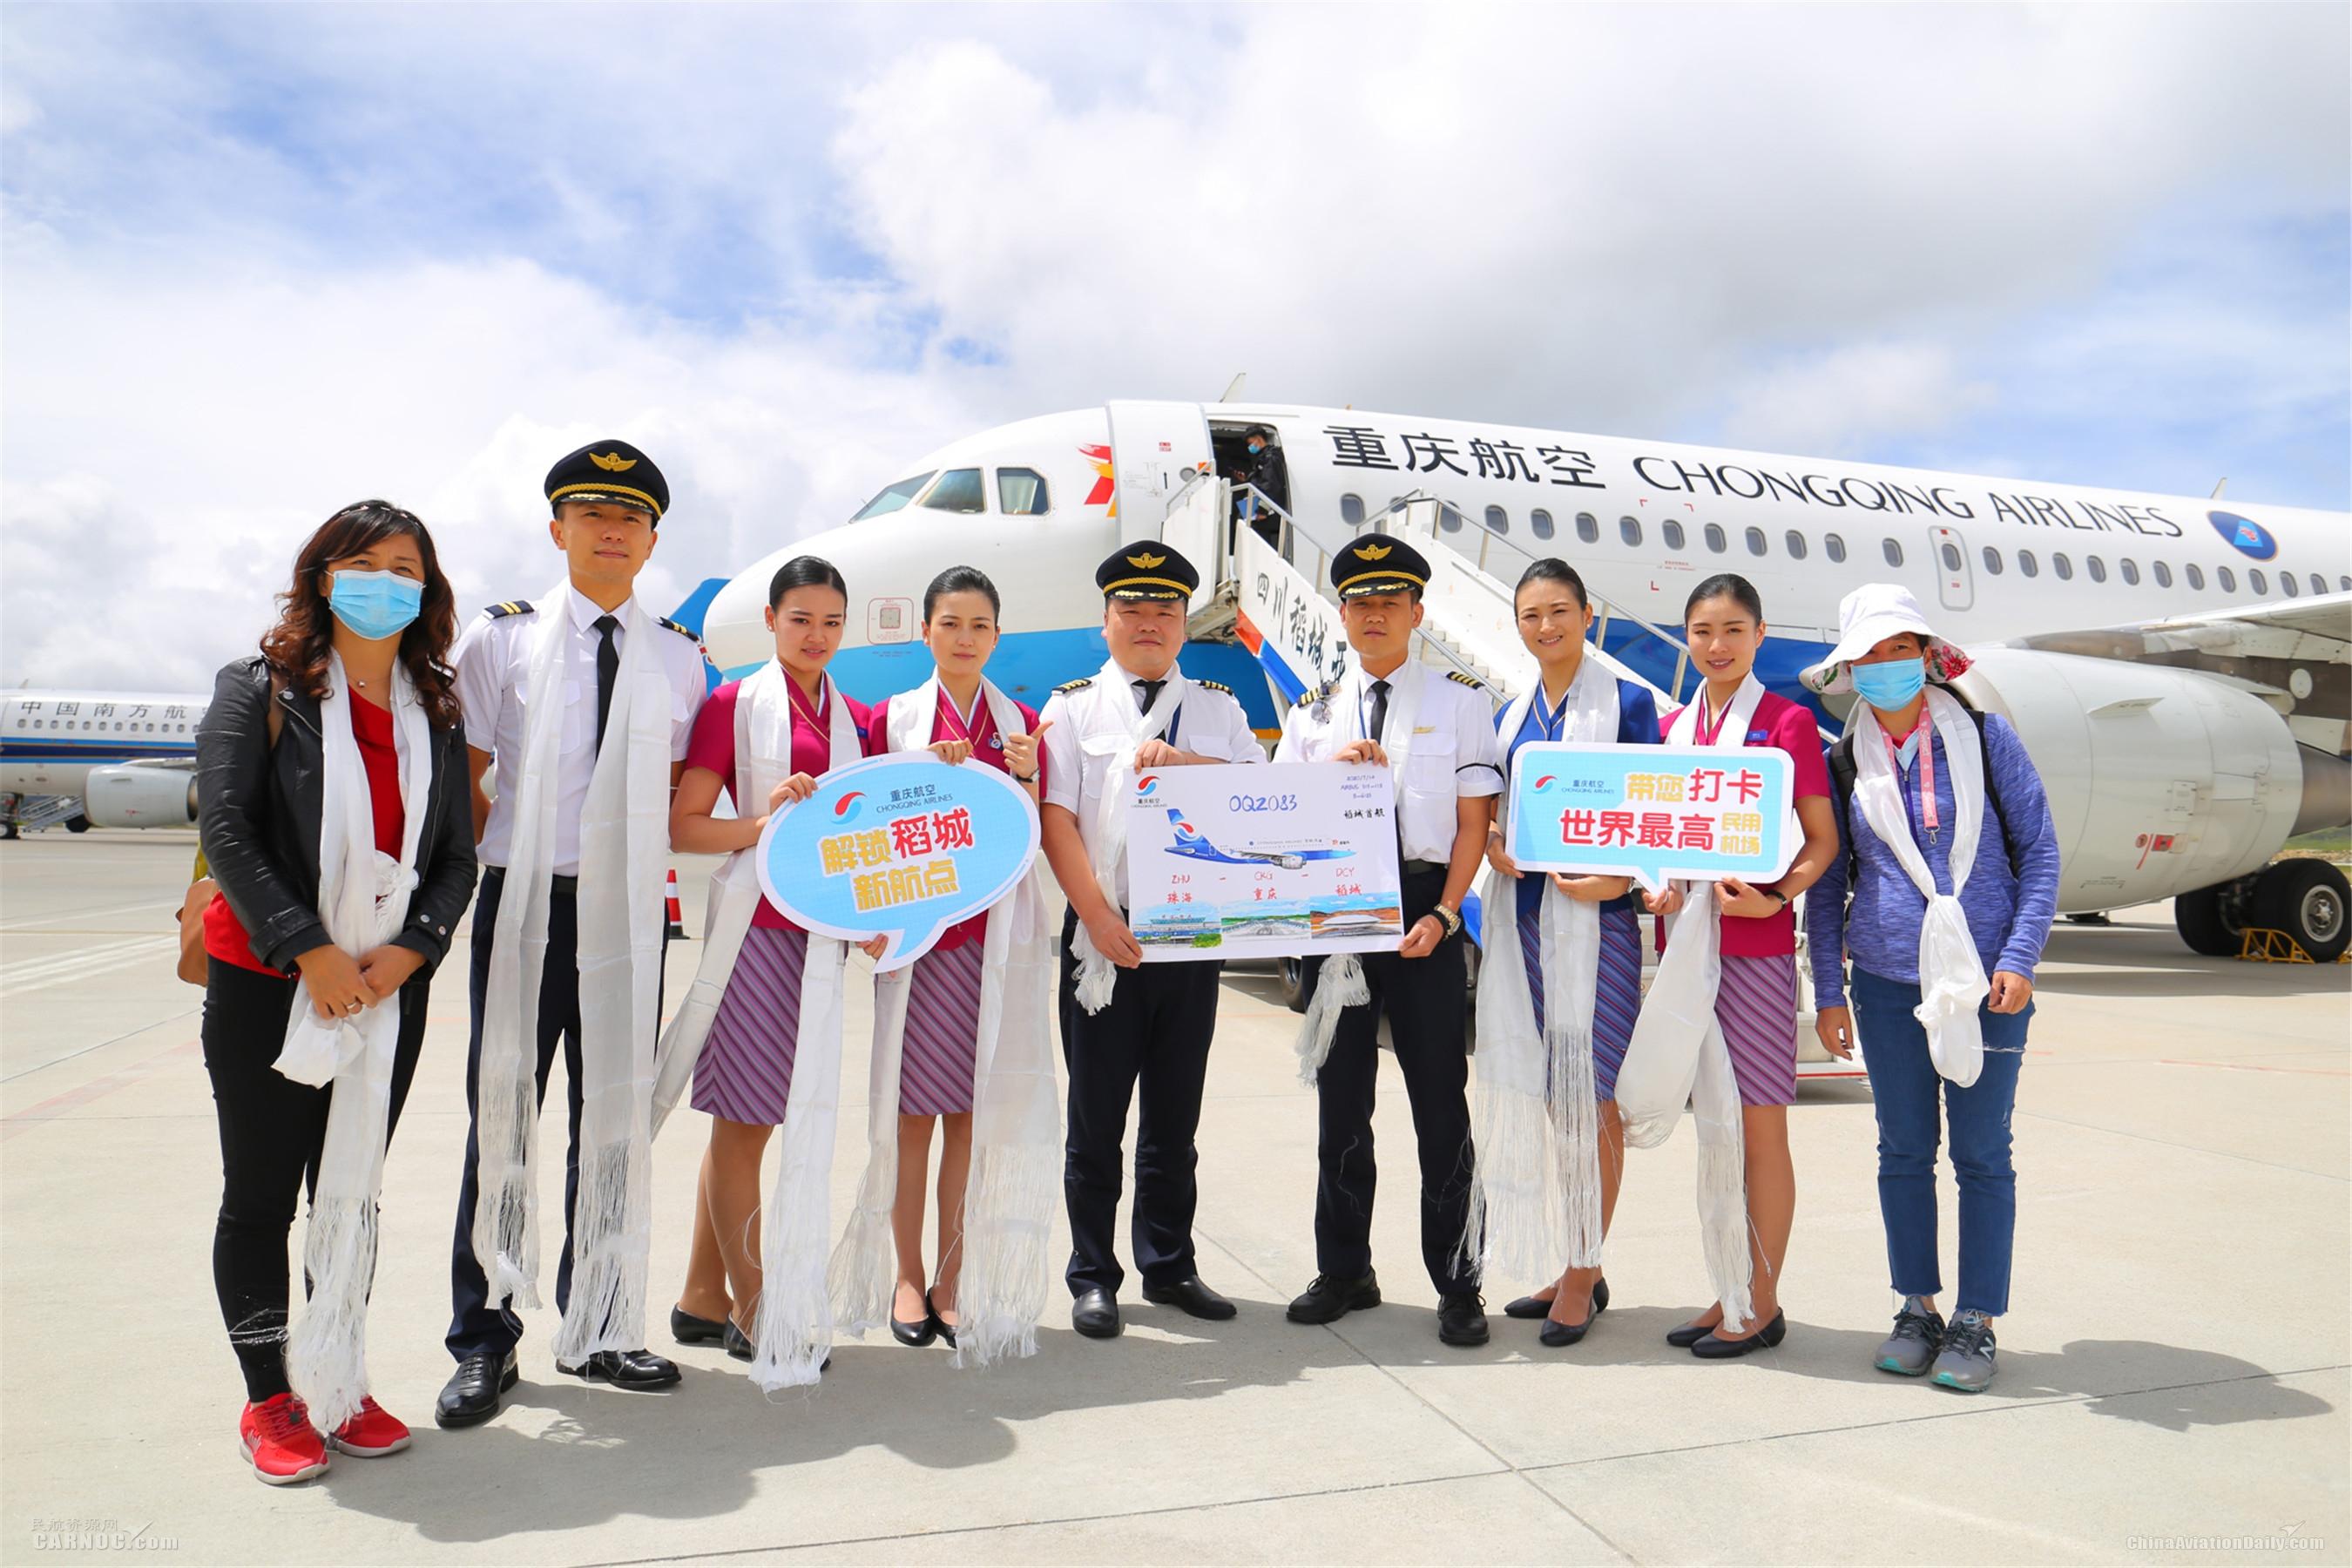 重庆航空开通珠海—重庆—林芝、珠海—重庆—稻城航线